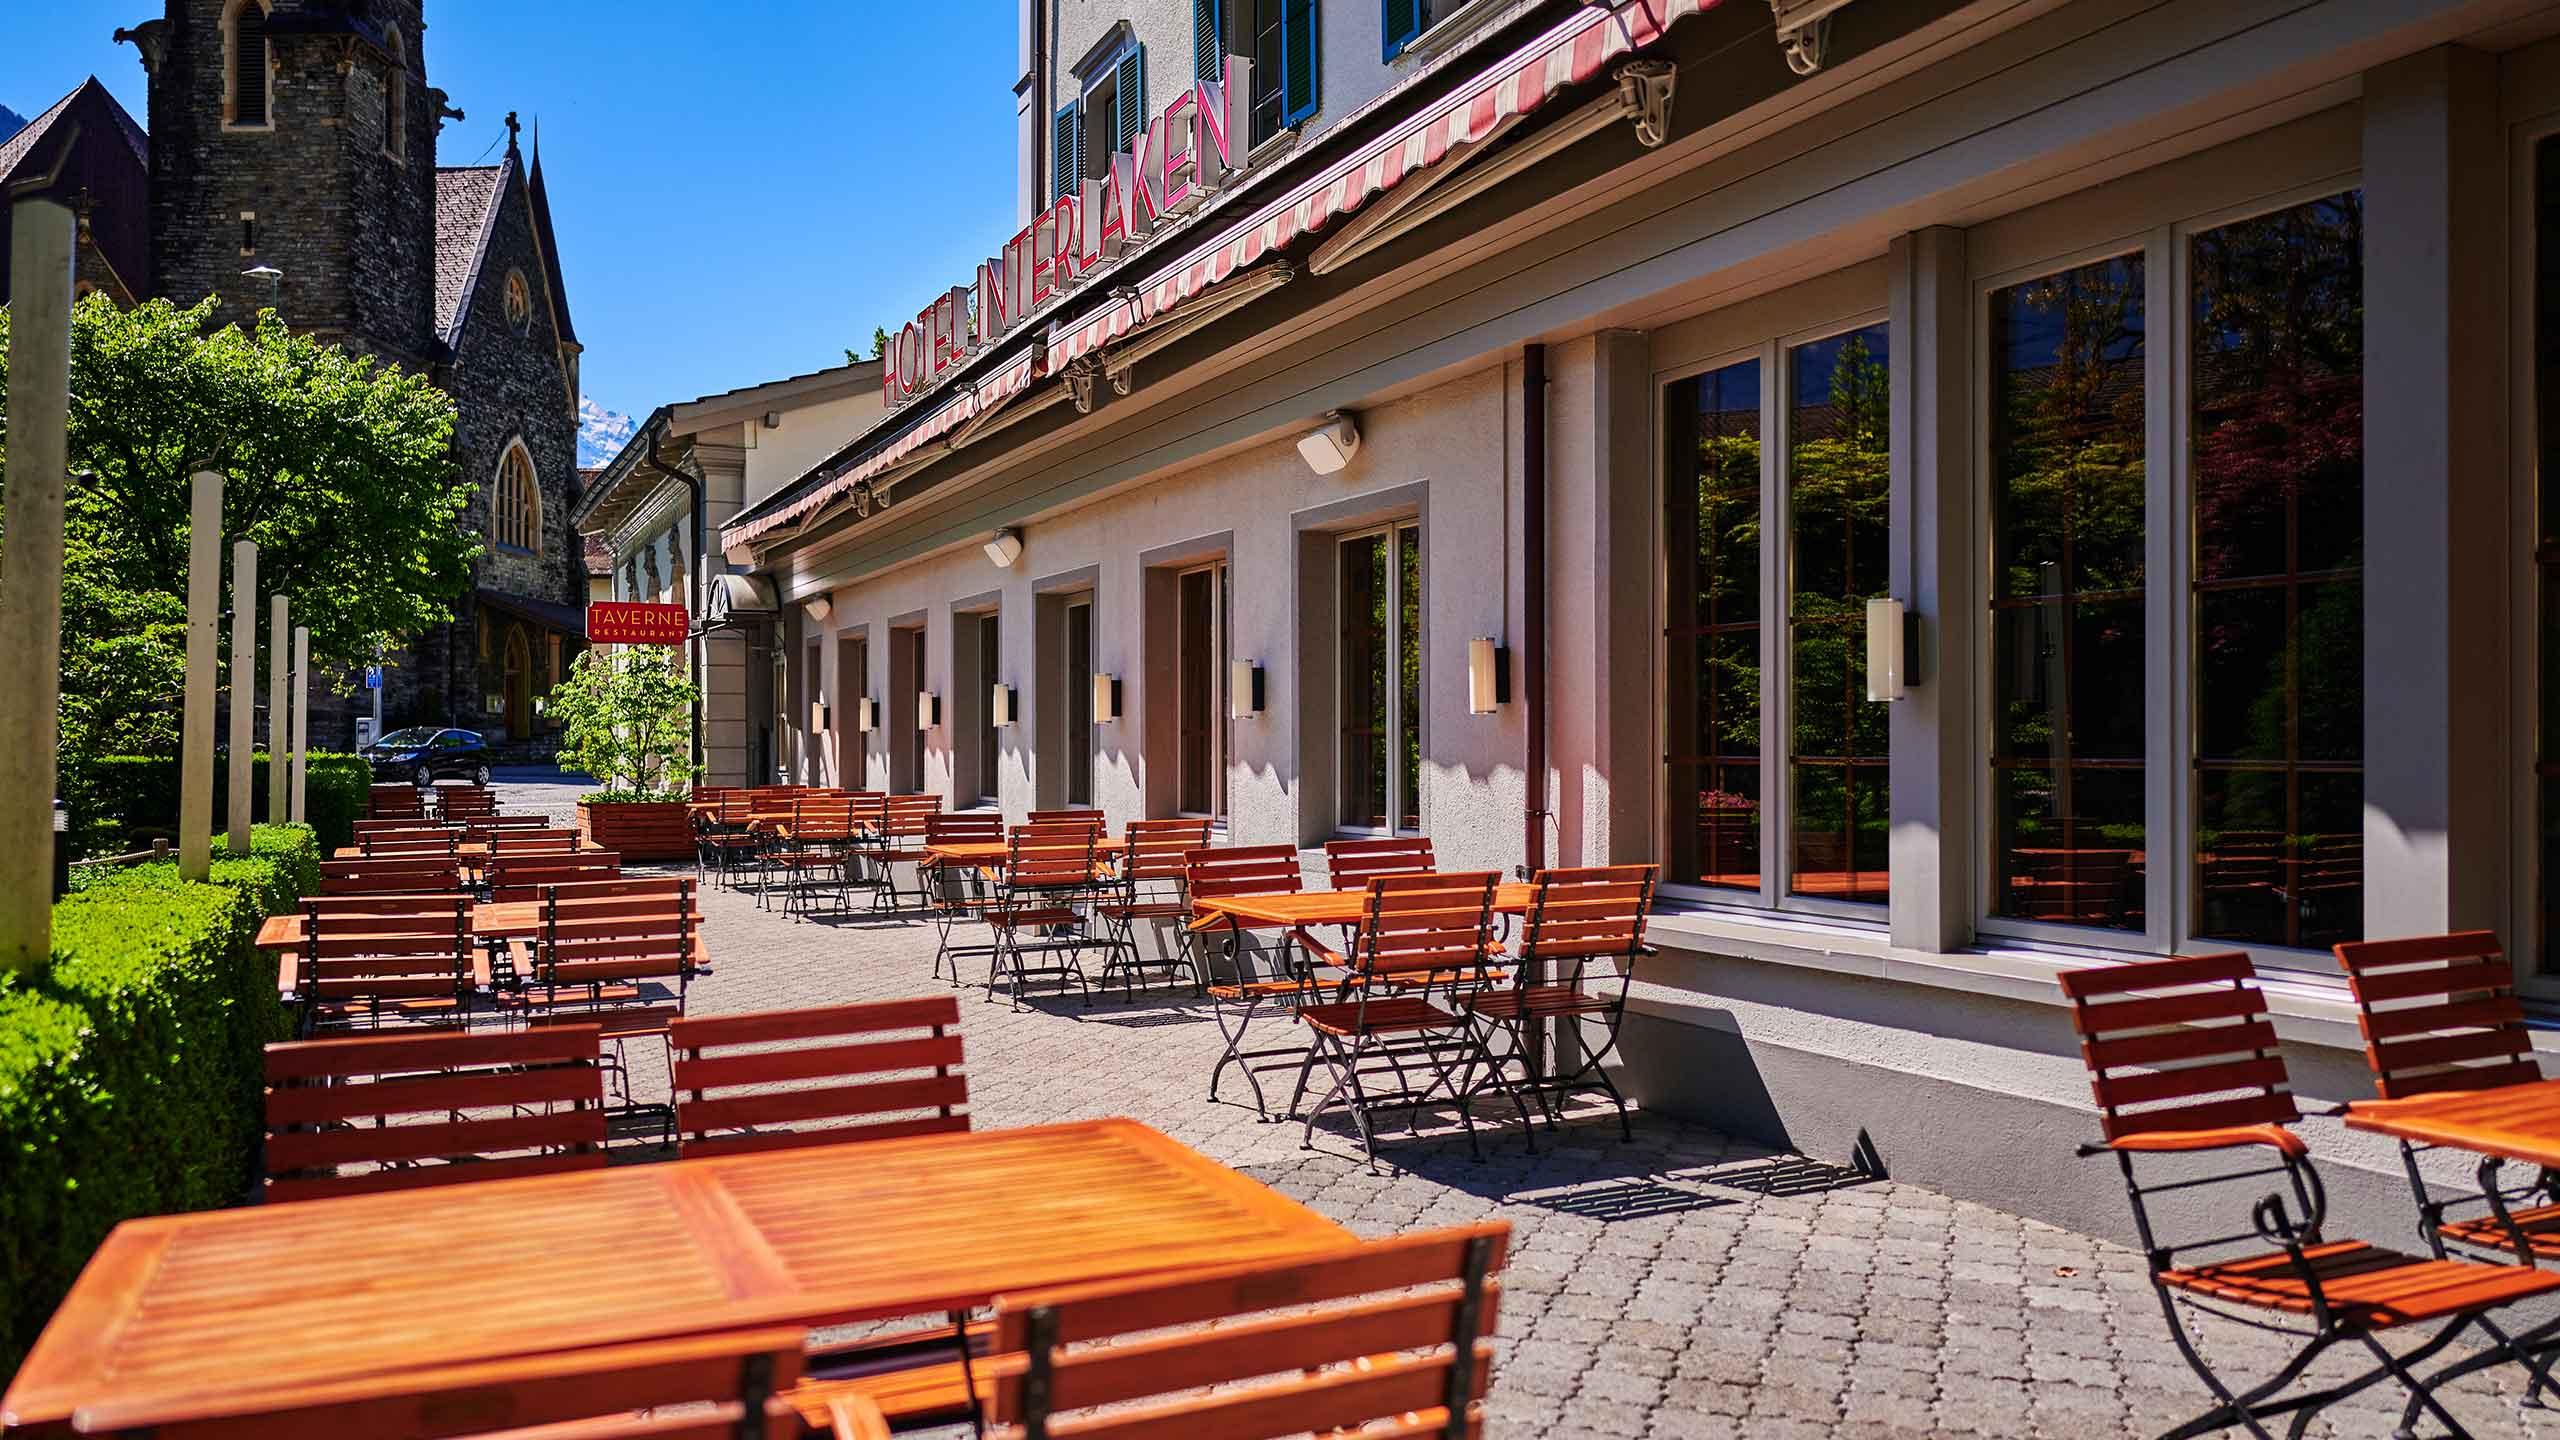 restaurant-taverne-hotel-interlaken-terrasse-tische-kirche.jpg